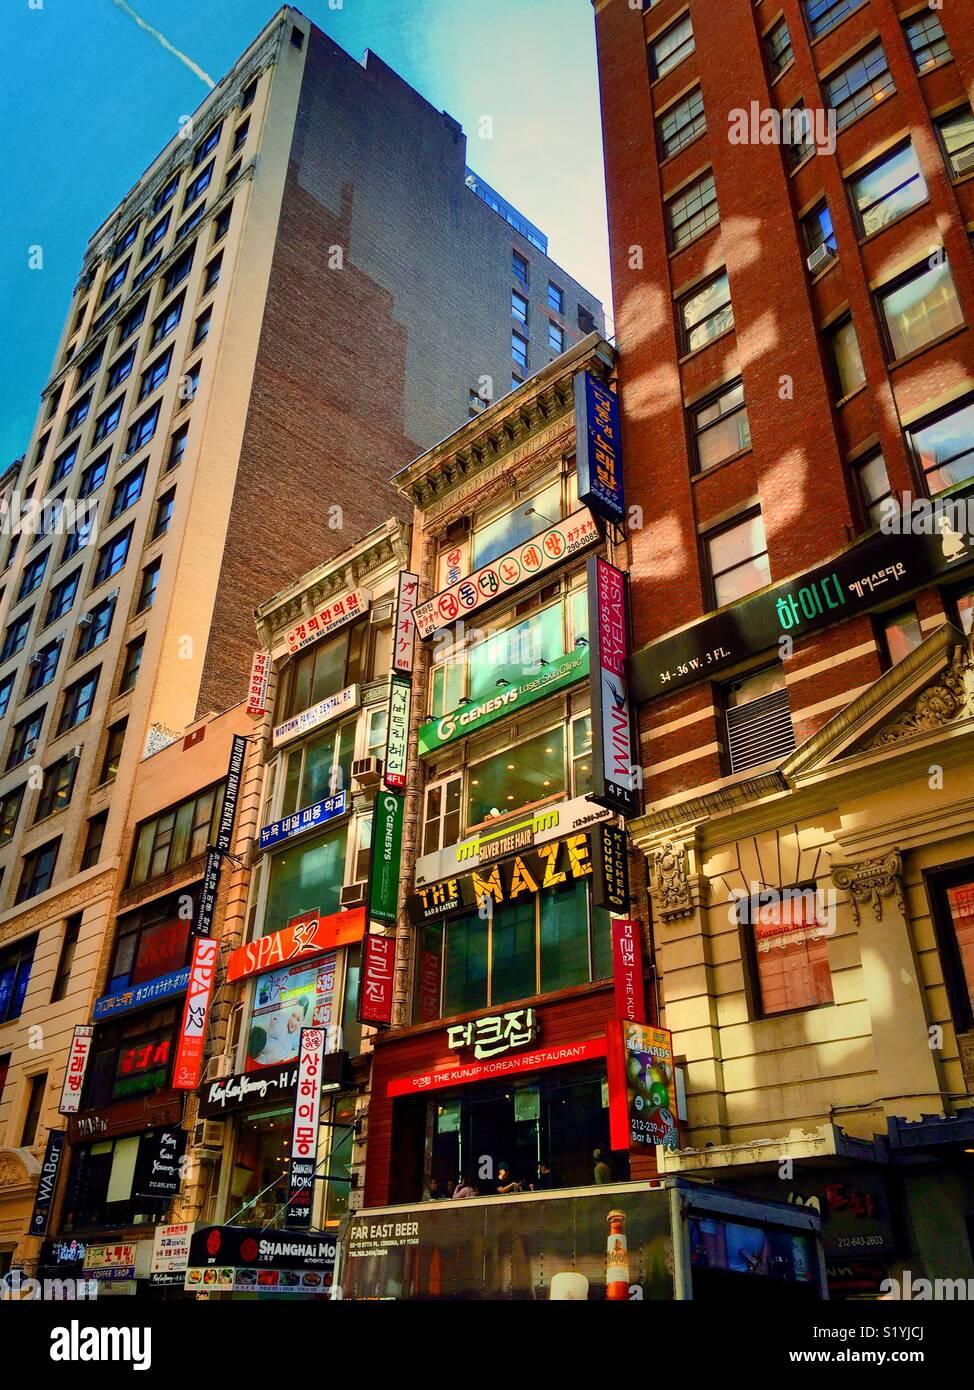 Colores brillantes escaparates con carteles multilingües en Koreatown, W. 32nd St., Nueva York, EE.UU. Imagen De Stock